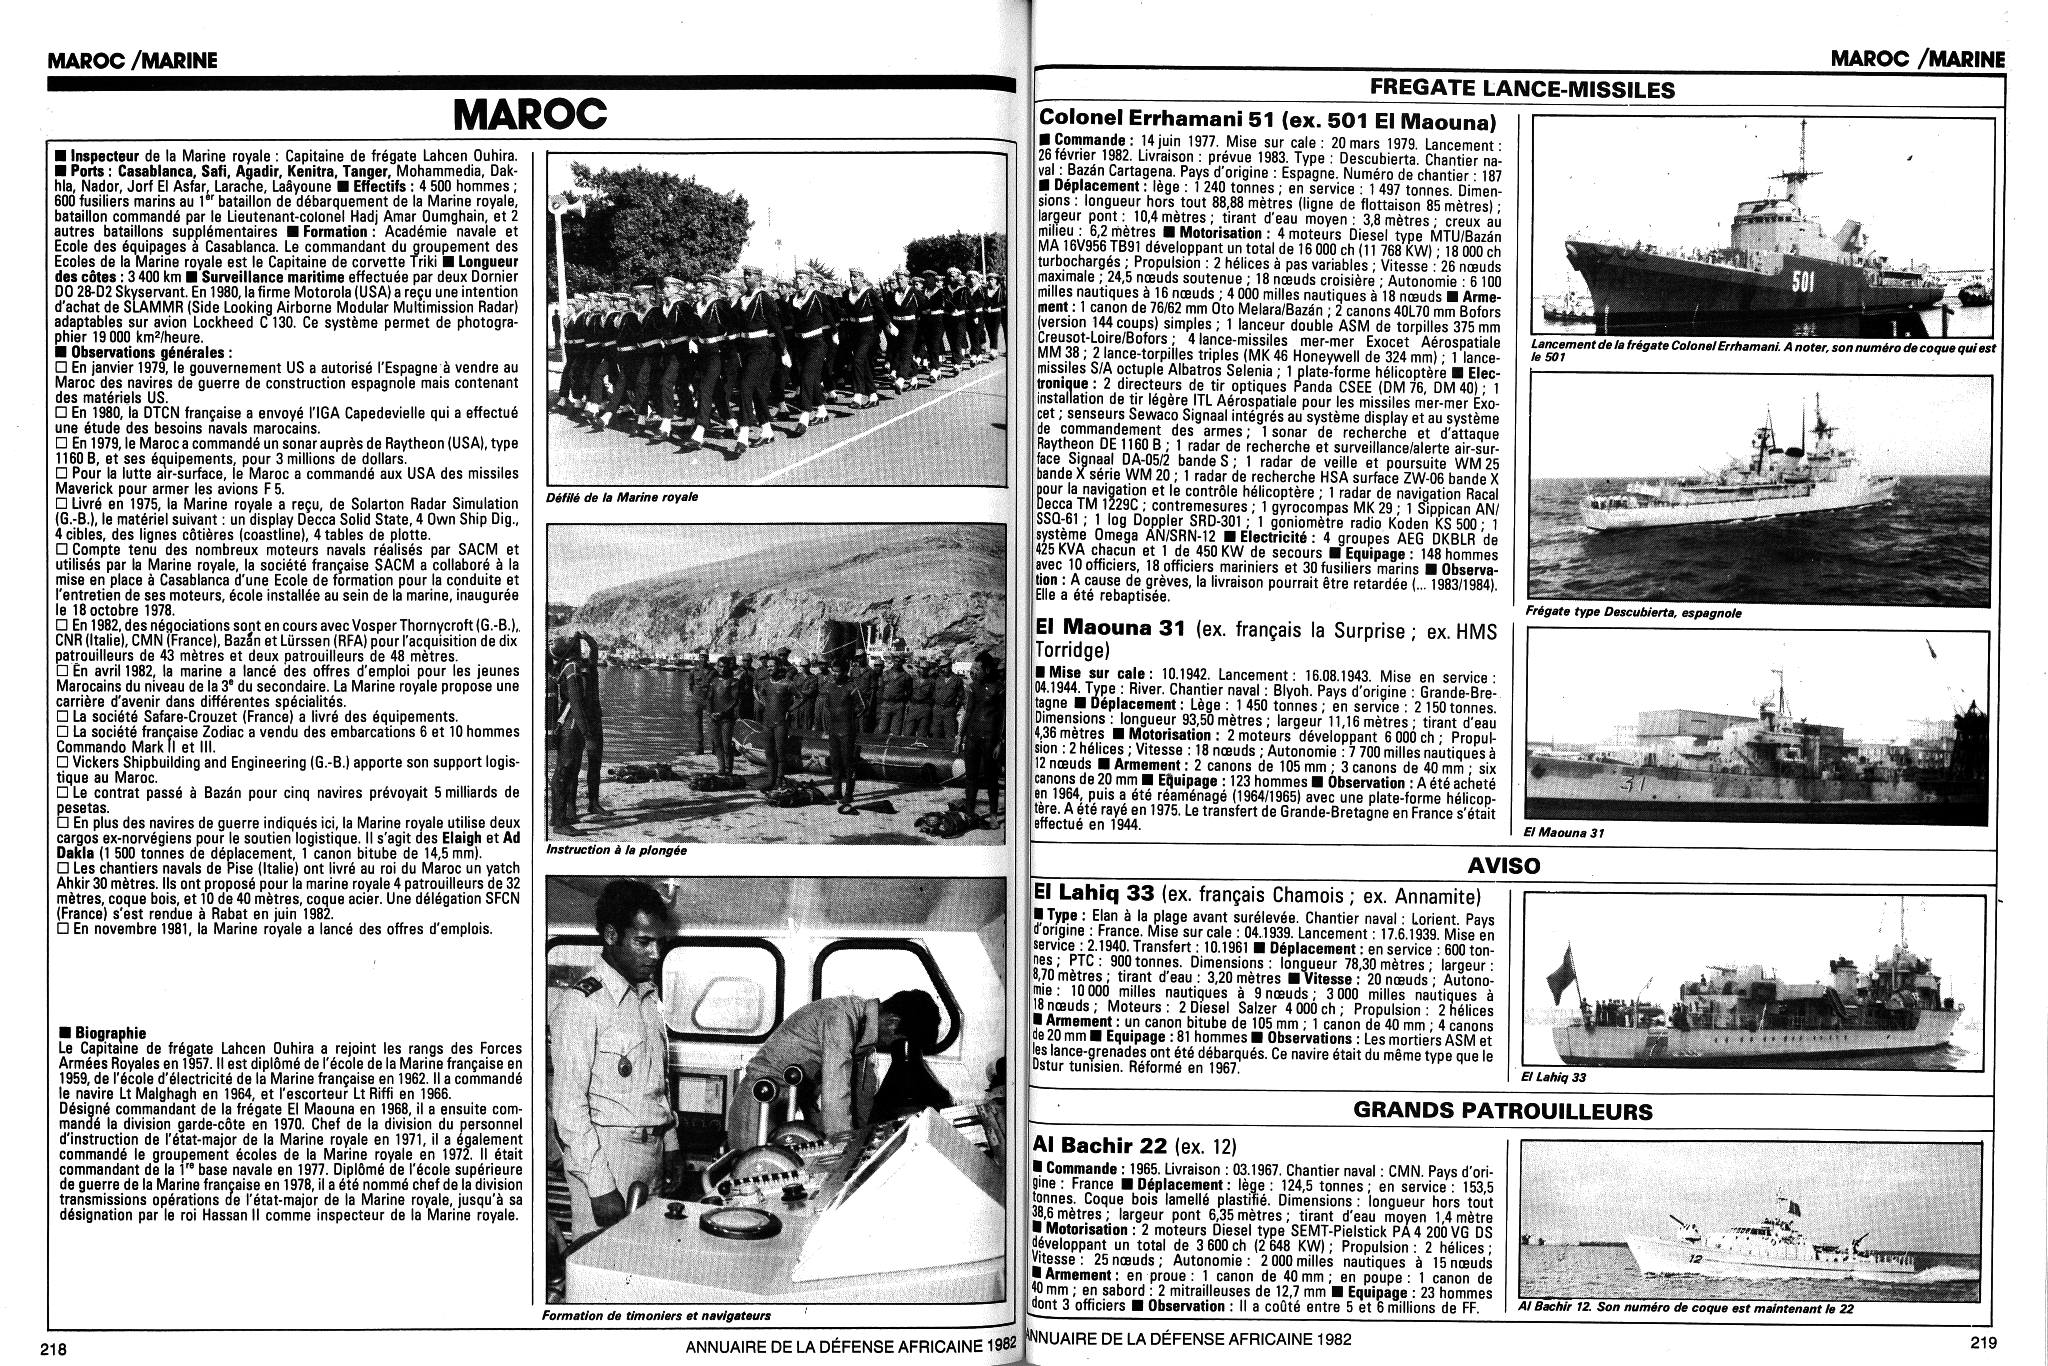 Articles à propos de la Marine Royale Marocaine Clipb502